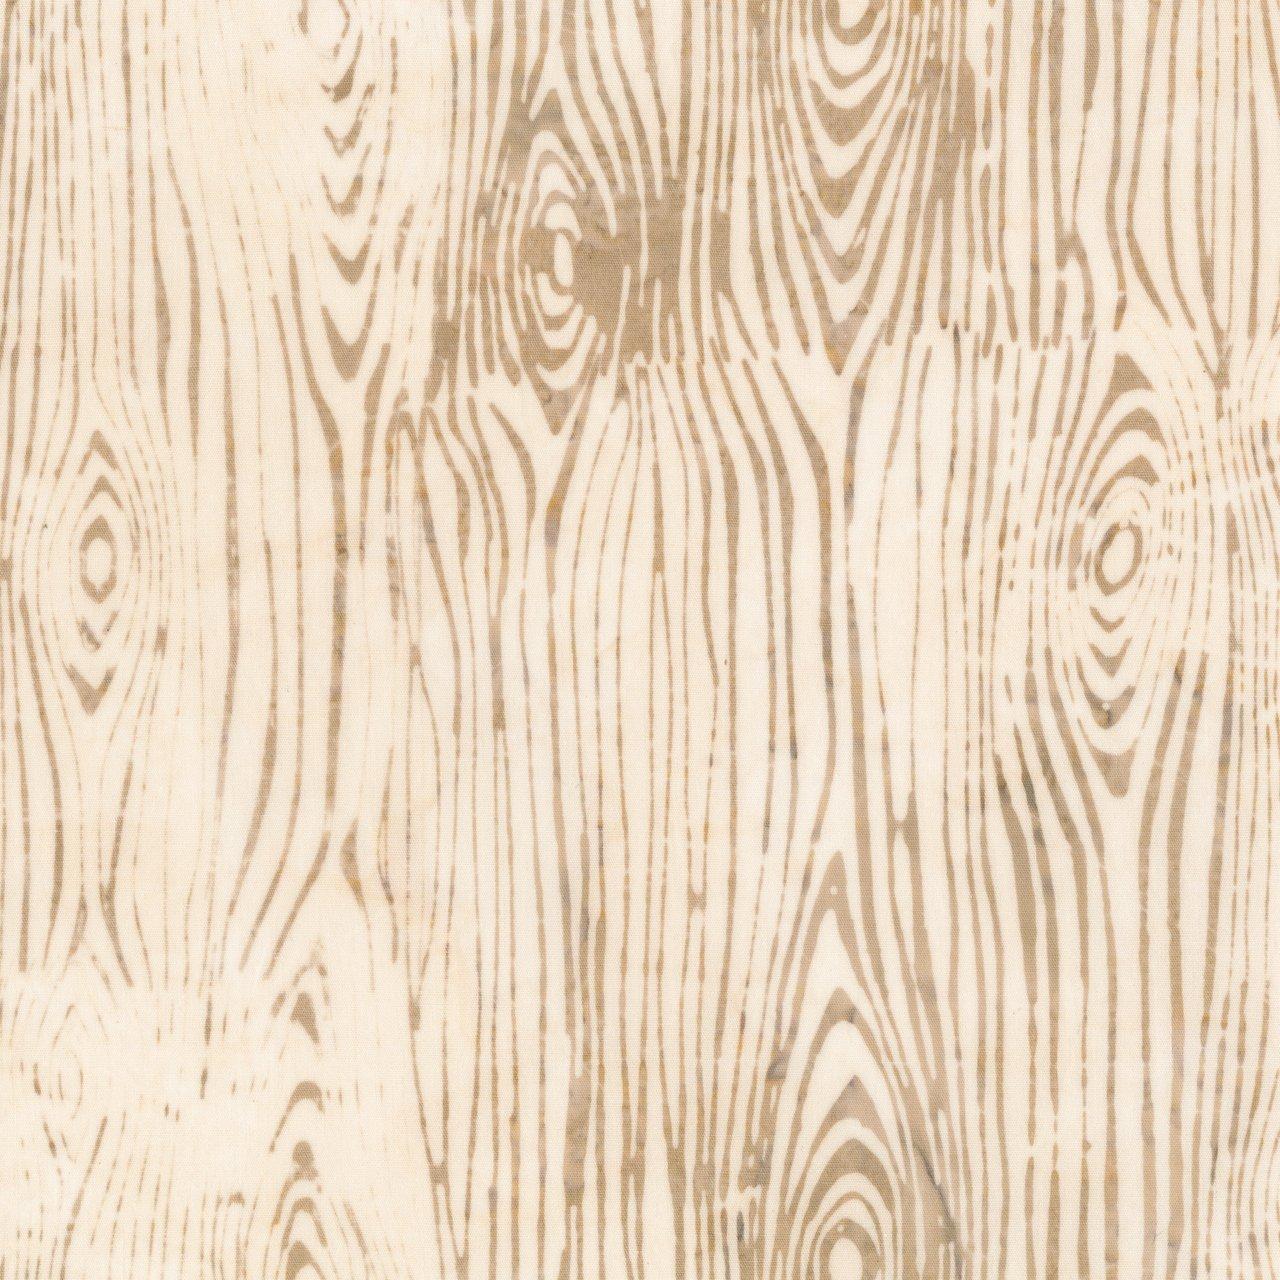 Whisper Woodgrain